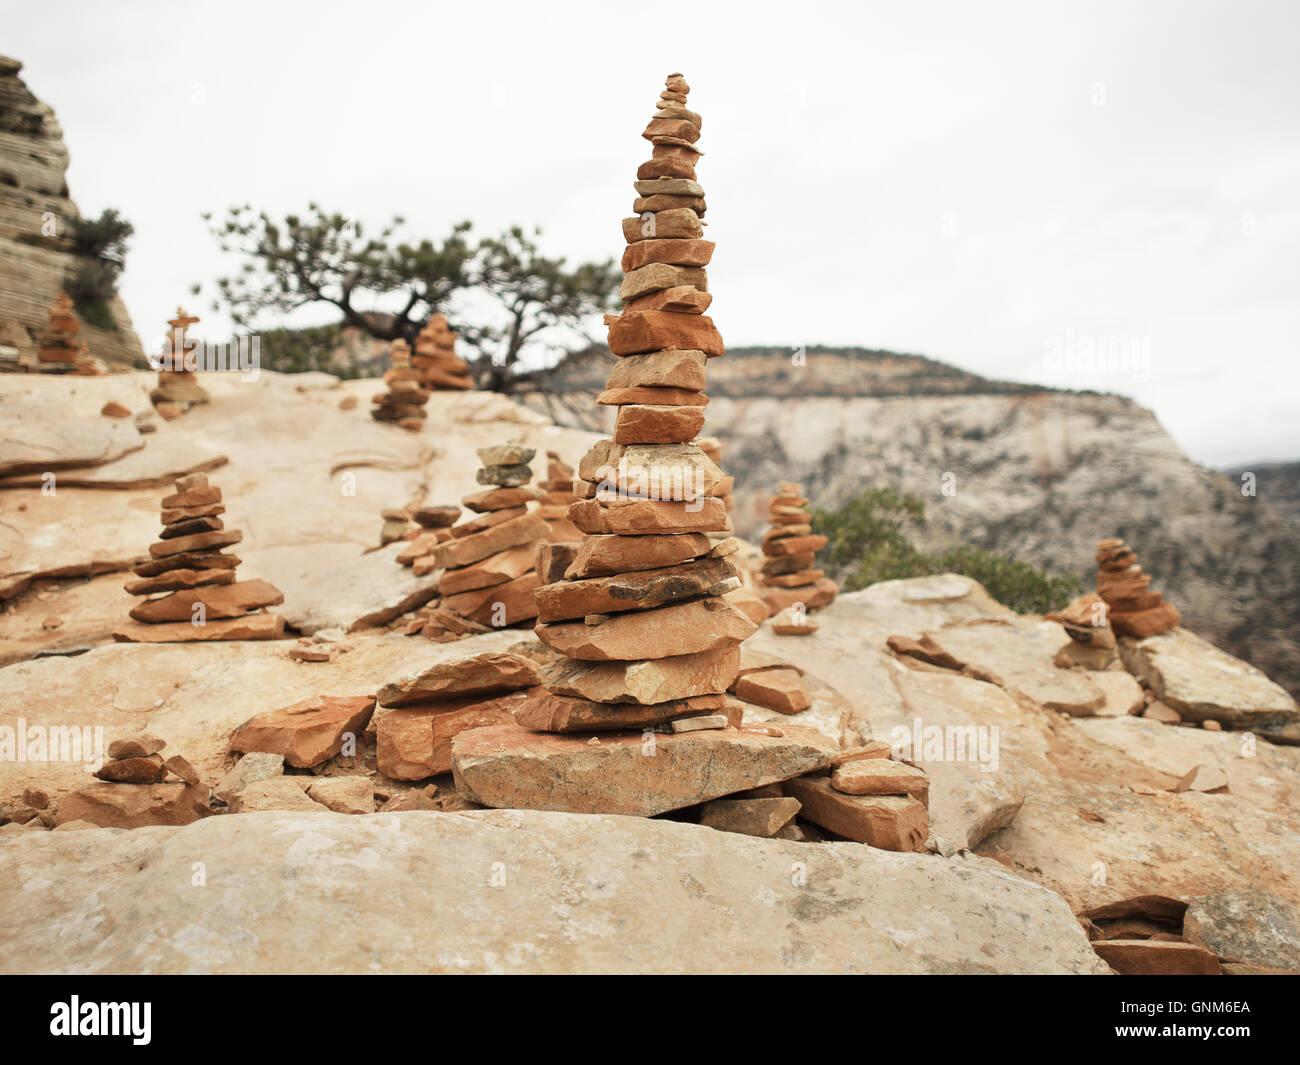 Des piles de marque des roches le sentier pour les chemins dans le parc national de Zion et d'autres randonnées Photo Stock